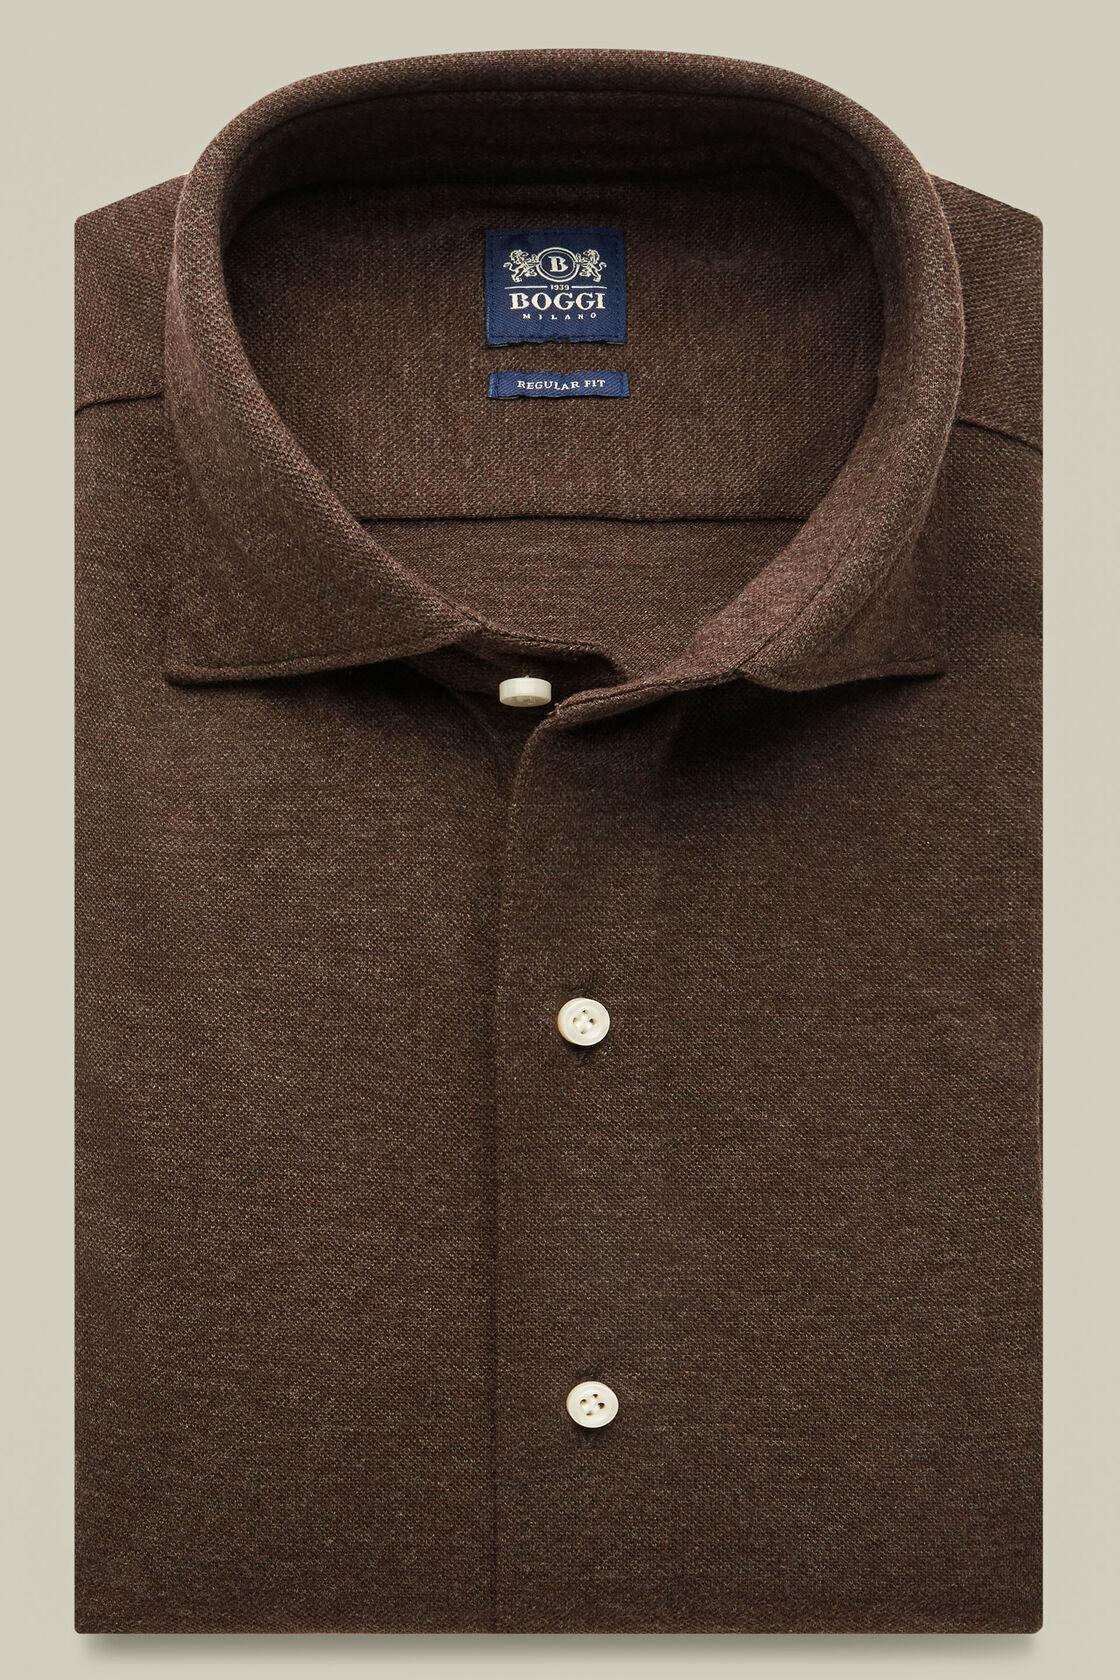 Polo camicia in piquet di cotone regular fit, Moro, hi-res